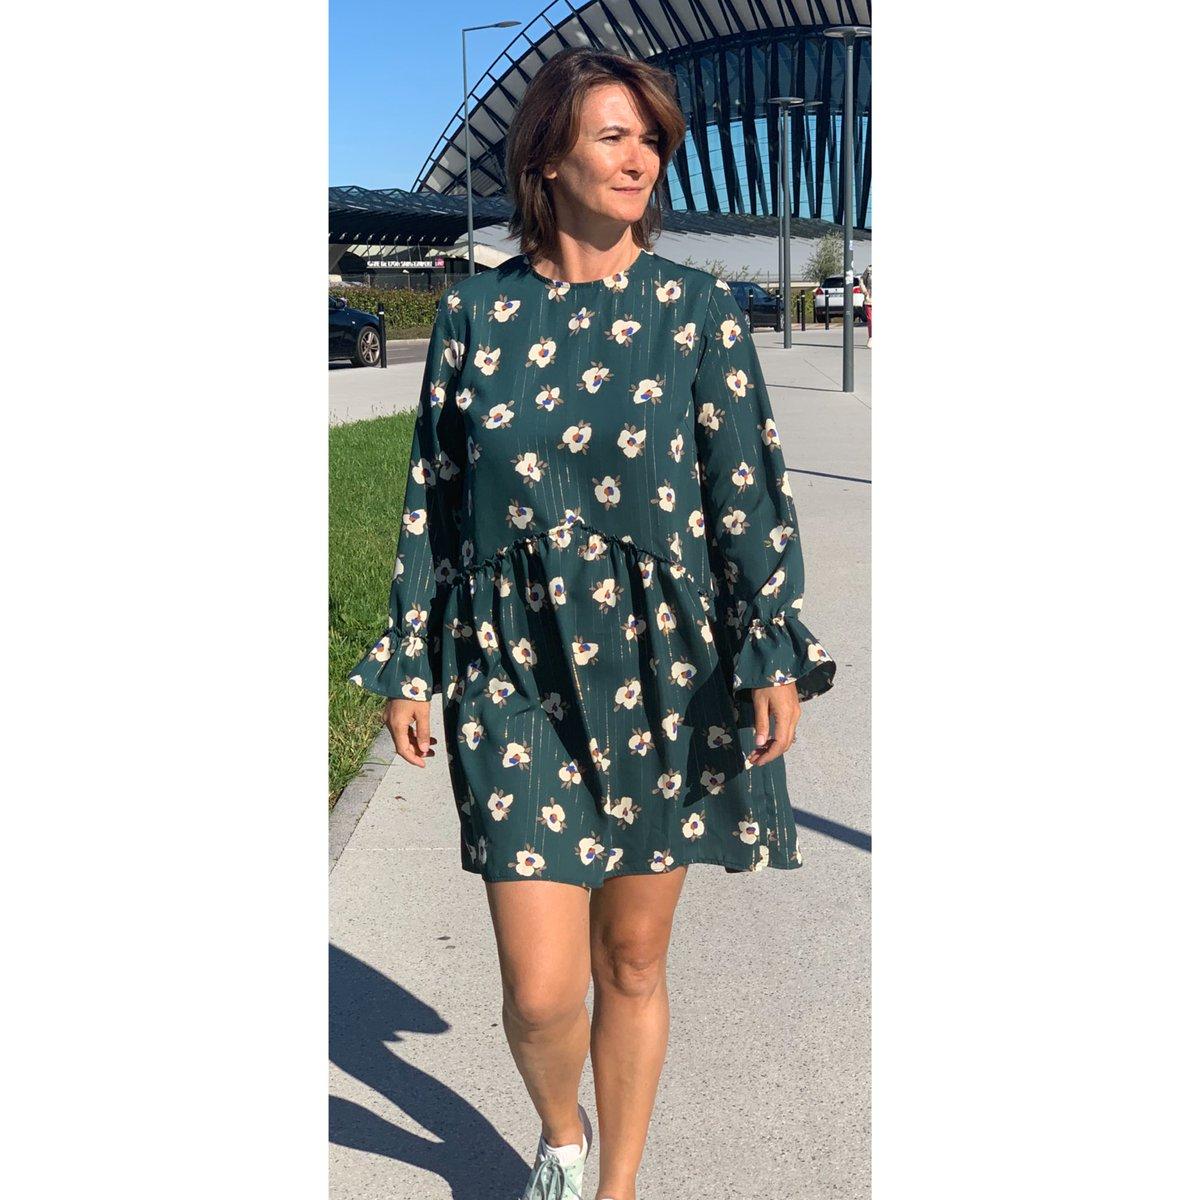 Nouvelle robe 👗 Talia verte fleurie ornée de fils dorés disponible dès ce soir sur le site  👀http://www.unepouleparisienne.com #unepouleparisienne #fashion #fabriqueenfrance #madeinFrance